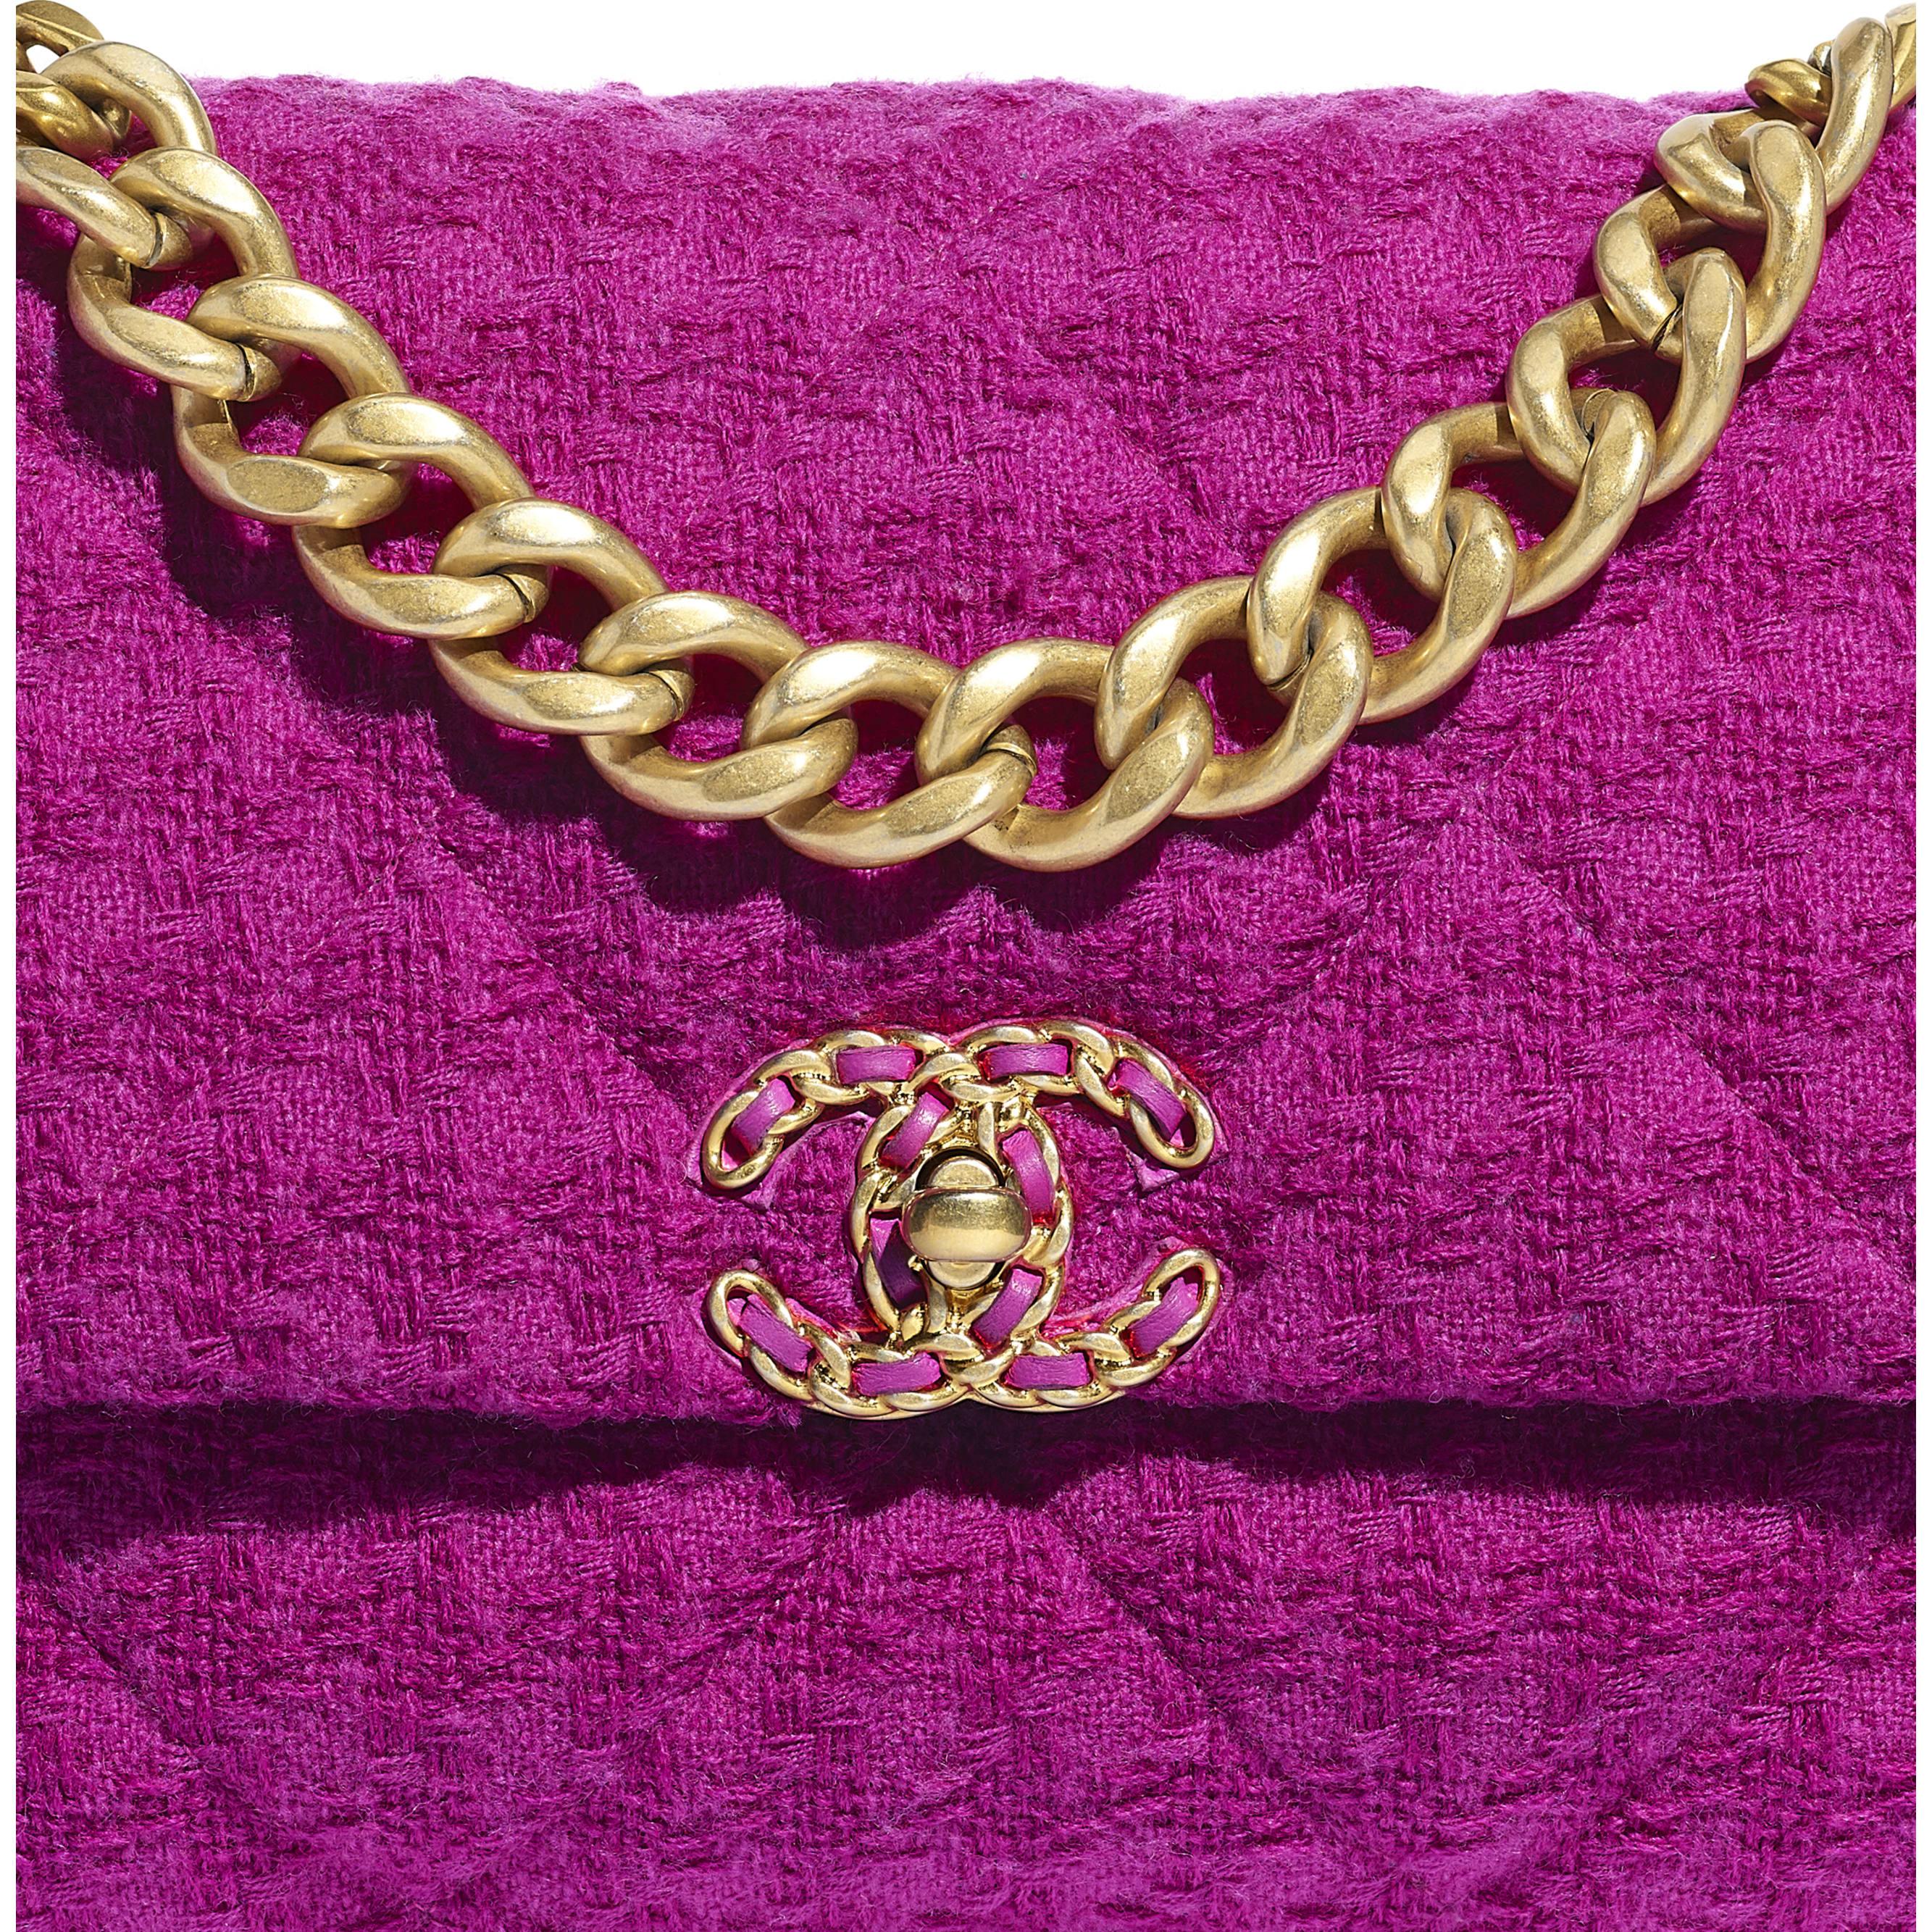 Duża torba CHANEL 19 z klapką - Kolor fuksji - Tweed wełniany, metal z rutenowym wykończeniem w tonacji złotej i srebrnej - Dodatkowy widok – zobacz w standardowym rozmiarze